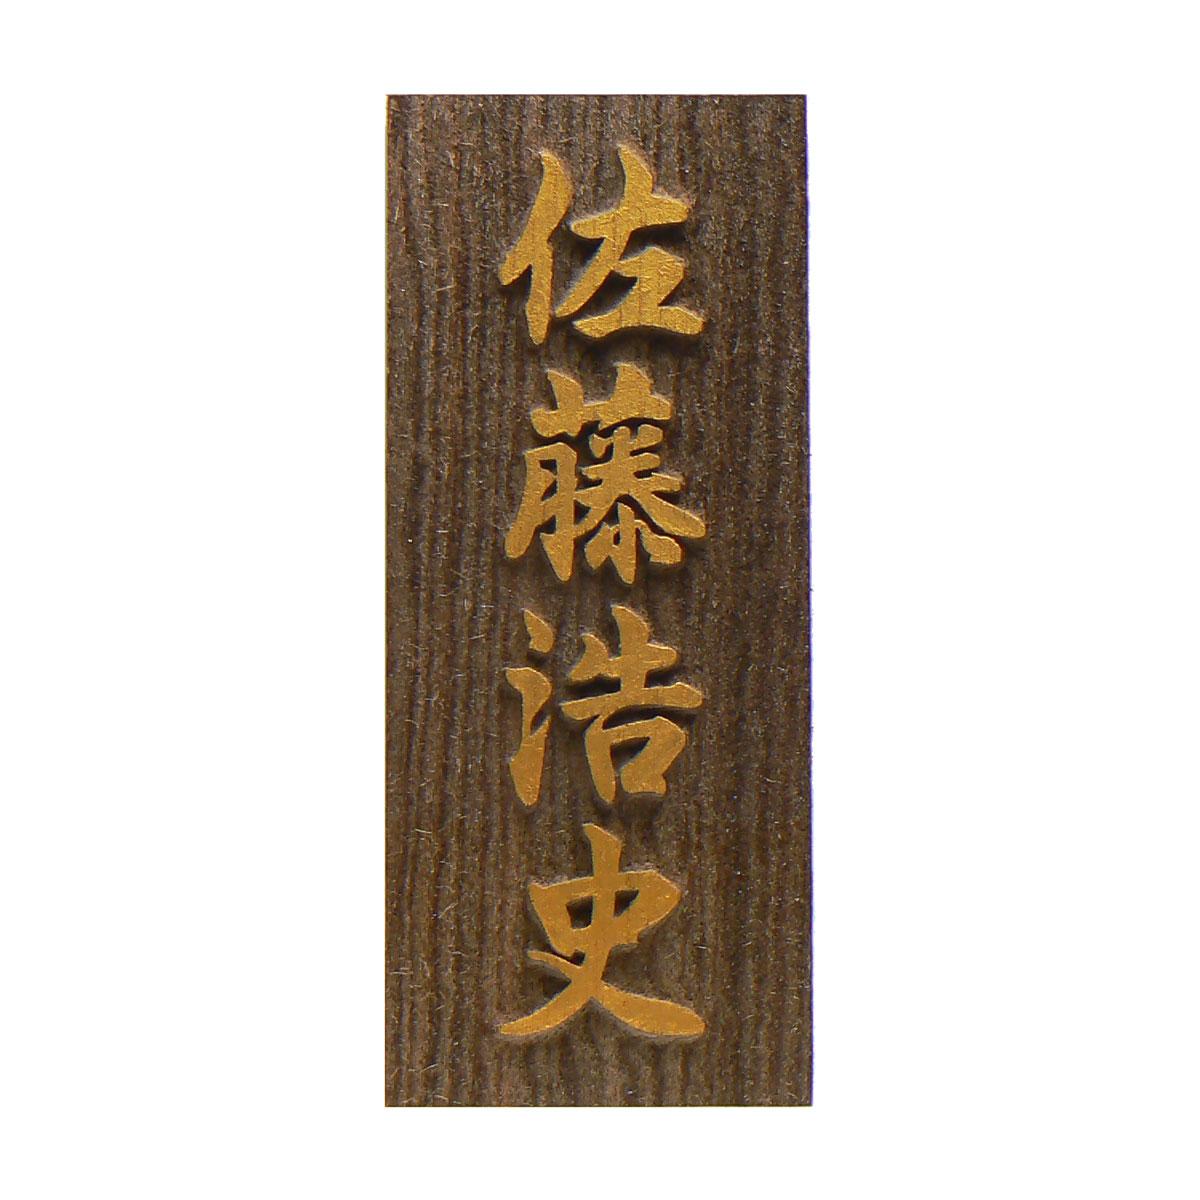 表札 木製 浮き彫り 銘木 神代(じんだい)金文字 クリア塗装【送料無料】